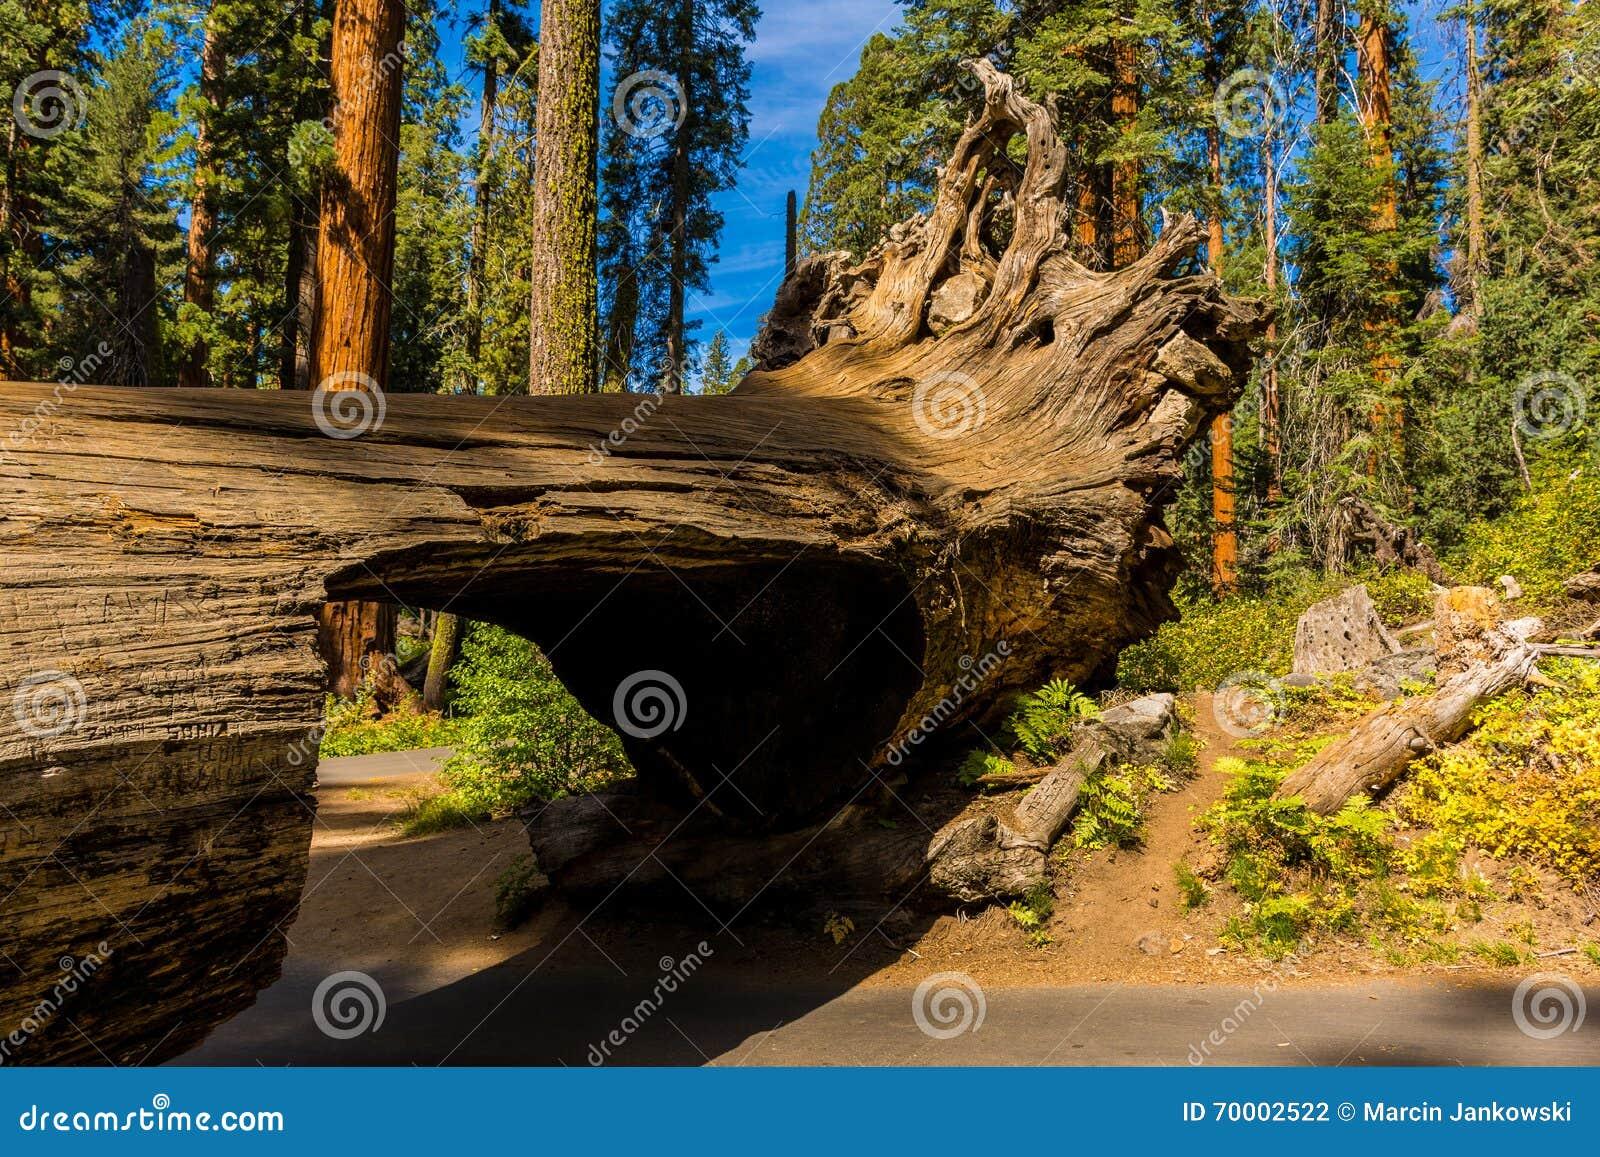 Журнал тоннеля, гигантский лес, Калифорния США